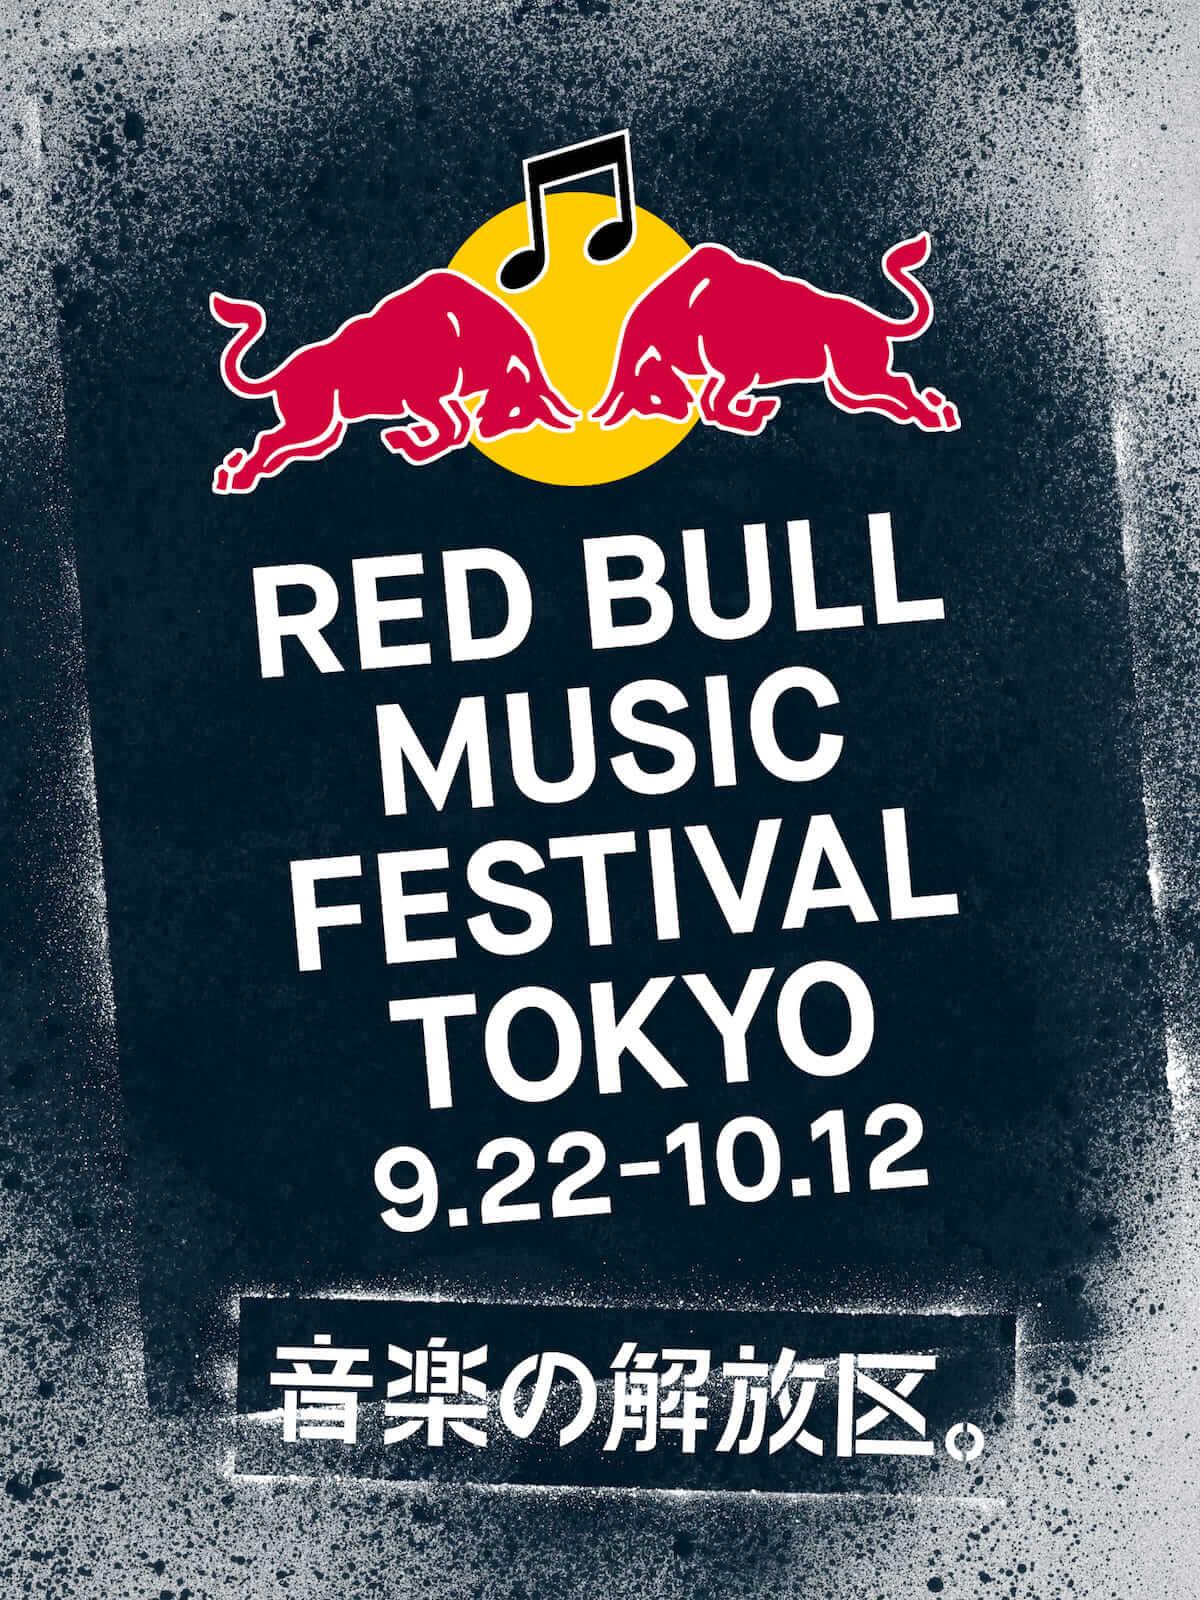 ラジオ番組『Tokyo Brilliantrips』連動!今年も開催<RED BULL MUSIC FESTIVAL TOKYO 2018> などをご紹介! music180713_redbullmusic_3-1200x1600